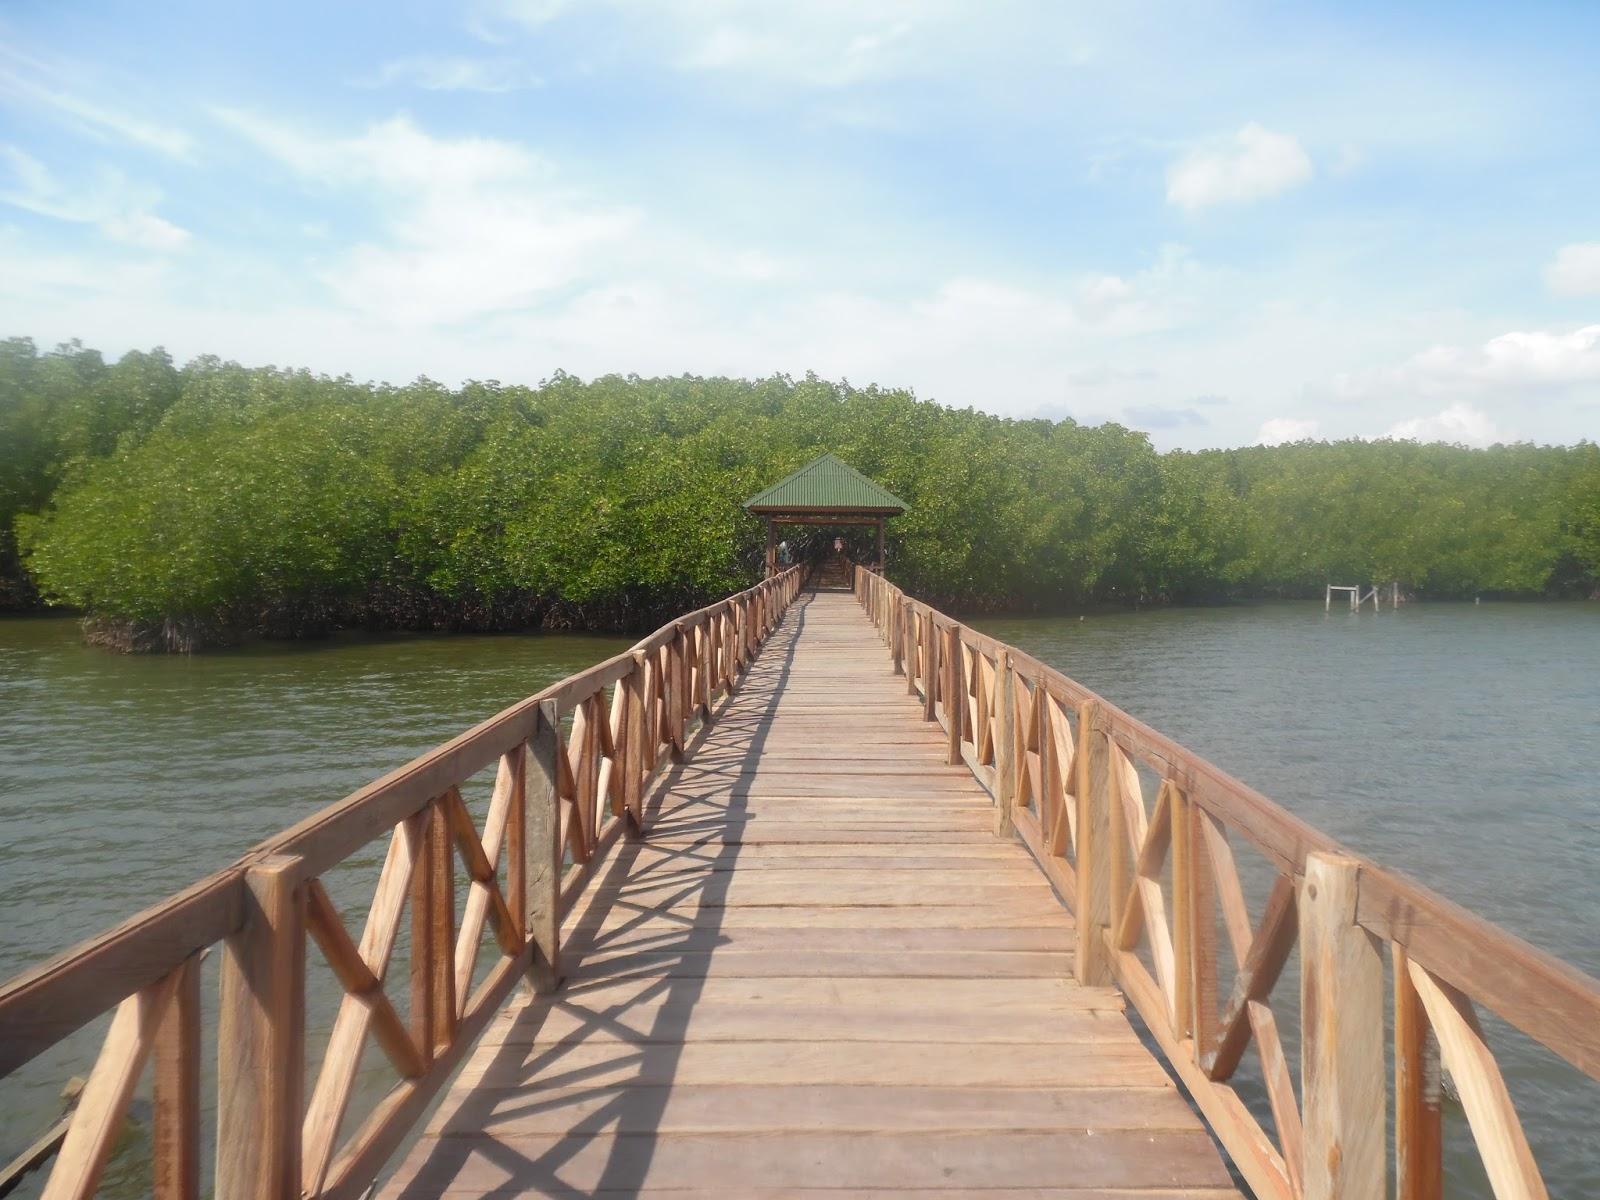 Tempat Wisata Mangrove Ecotourism Centre Pik yang Wajib Dikunjungi